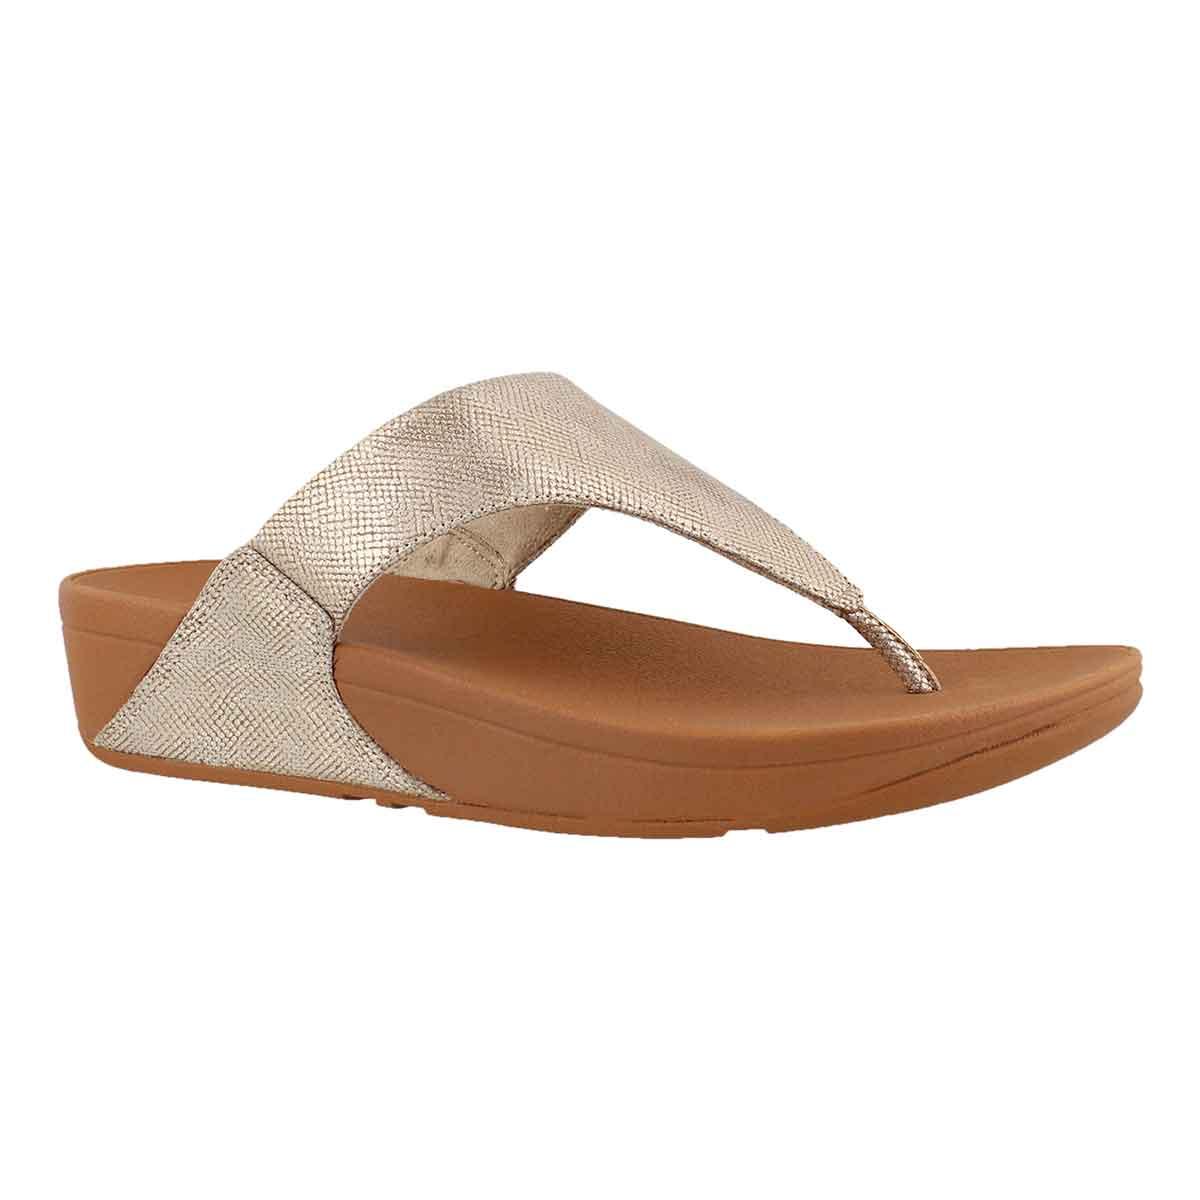 Women's LULU SHIMMER PRINT gold thong sandals